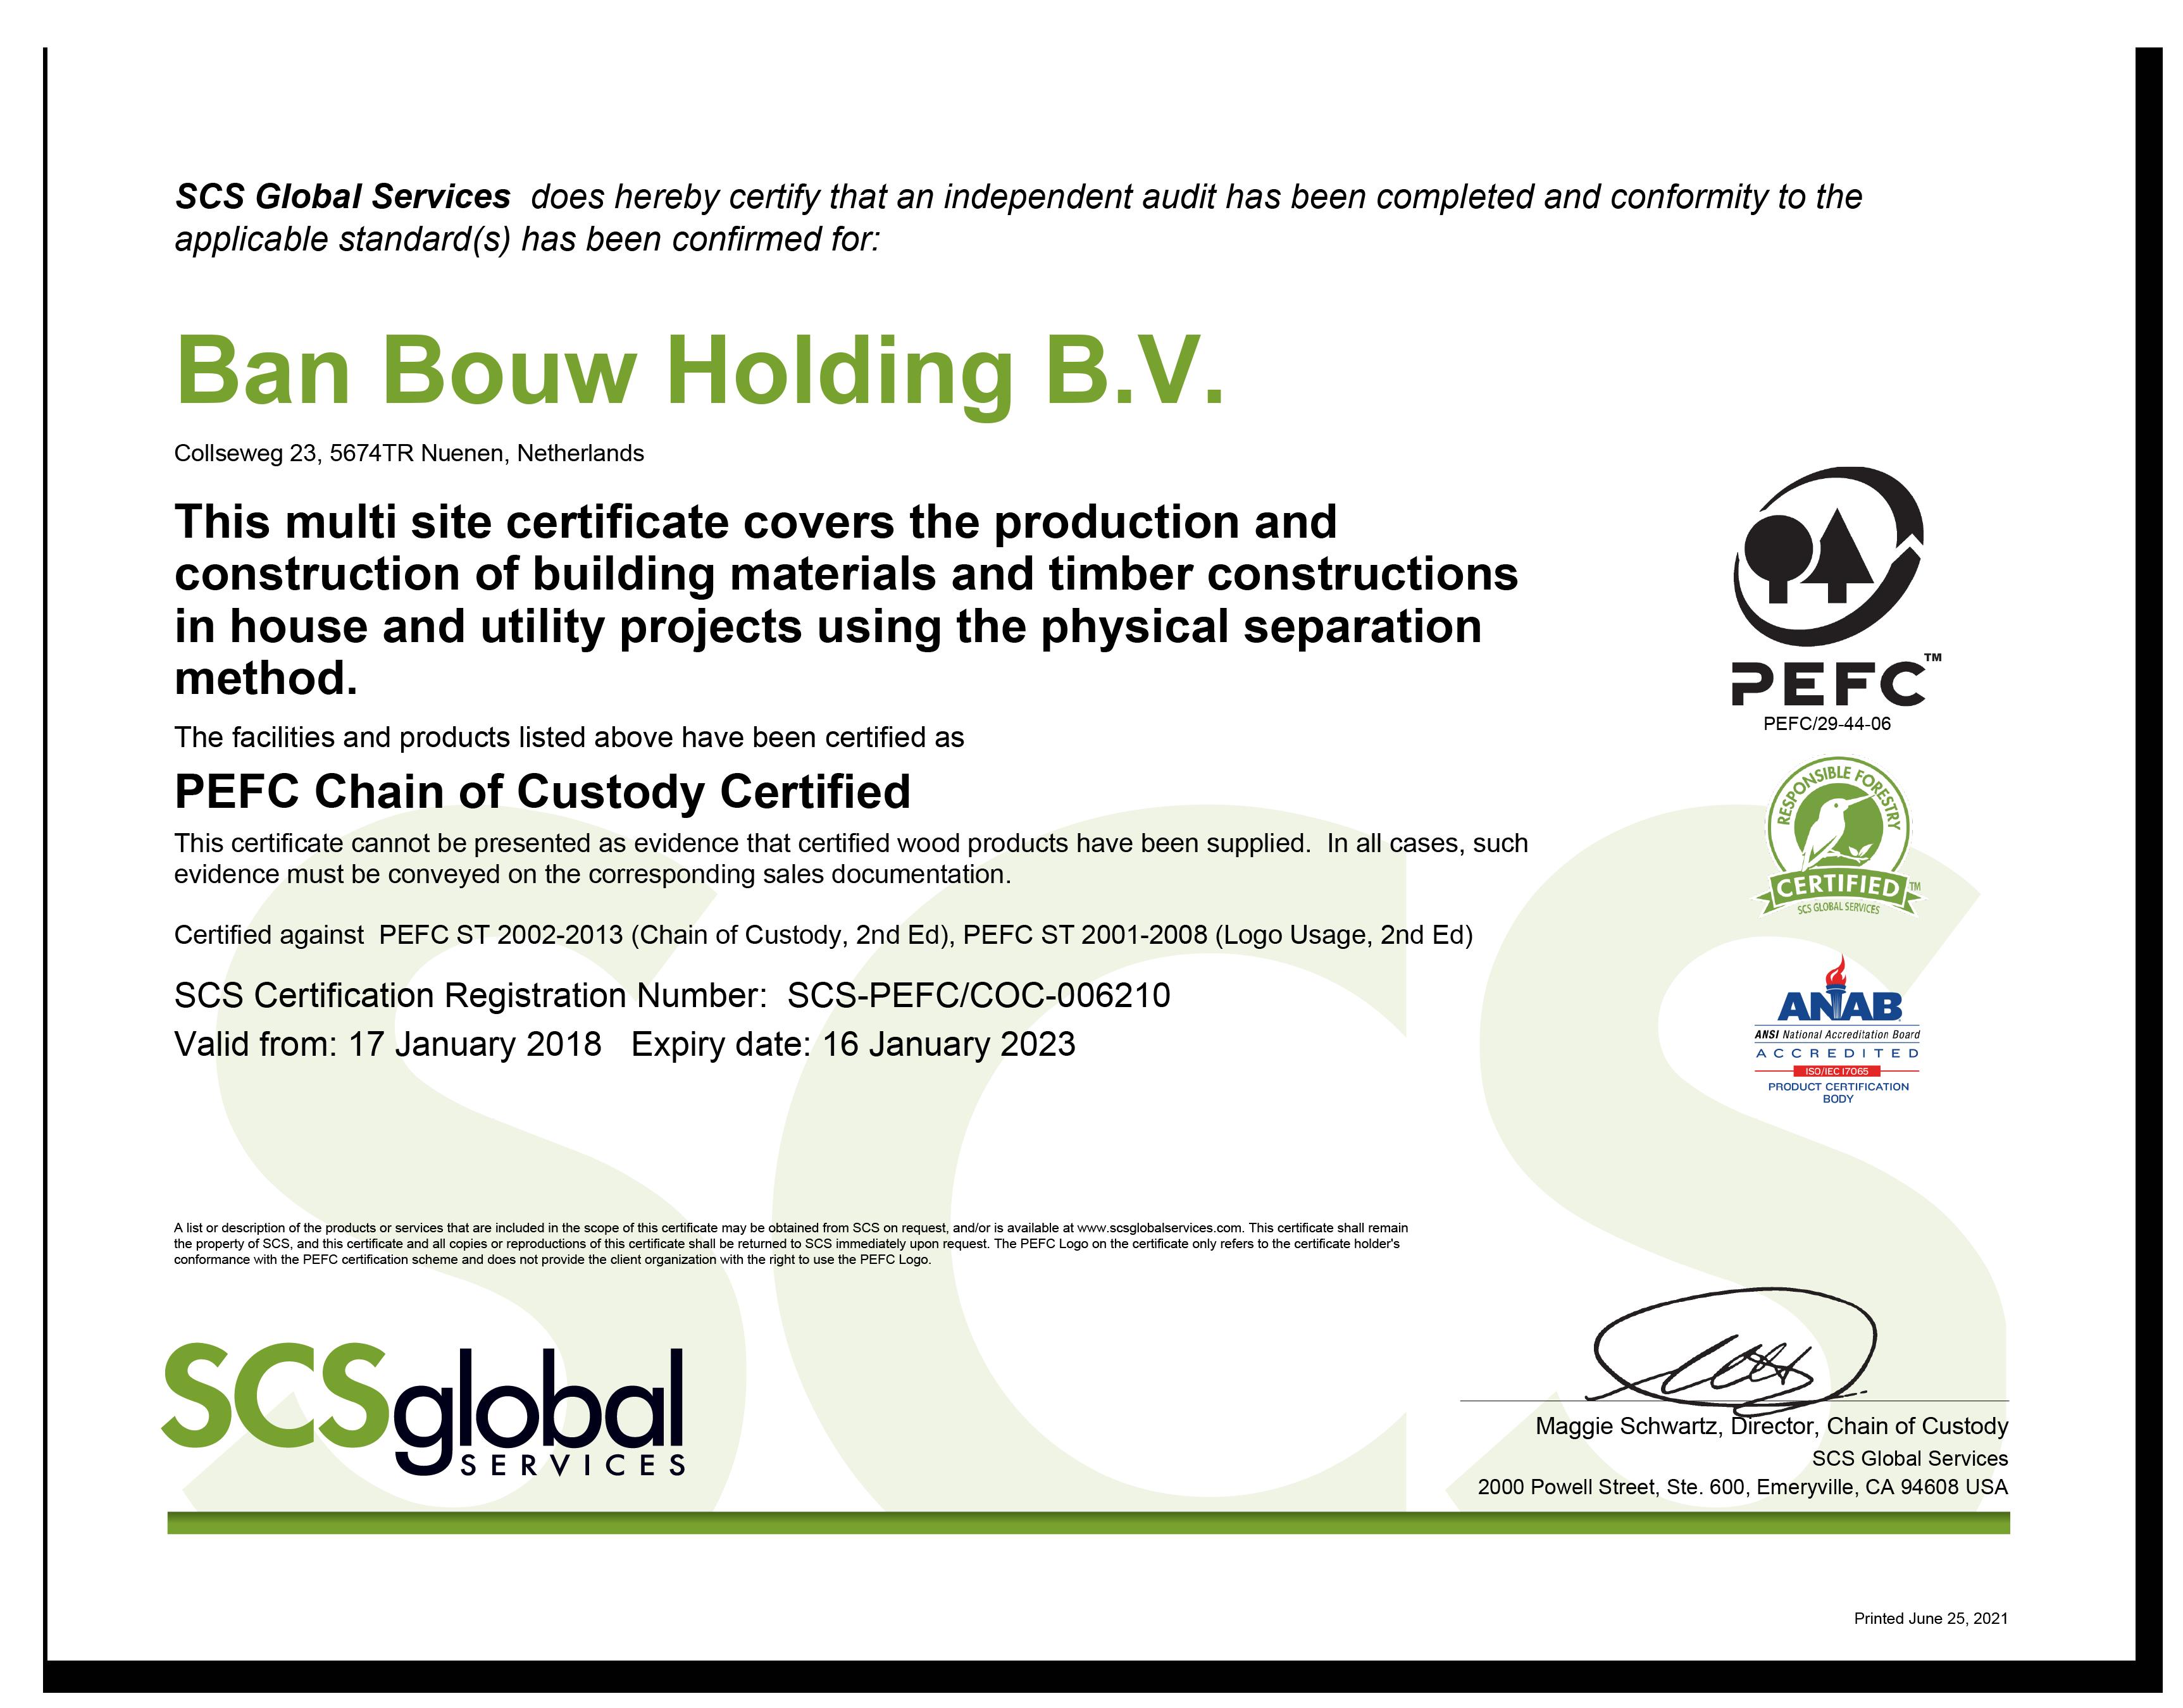 pefc-certificaat-arcon-houtconstructies